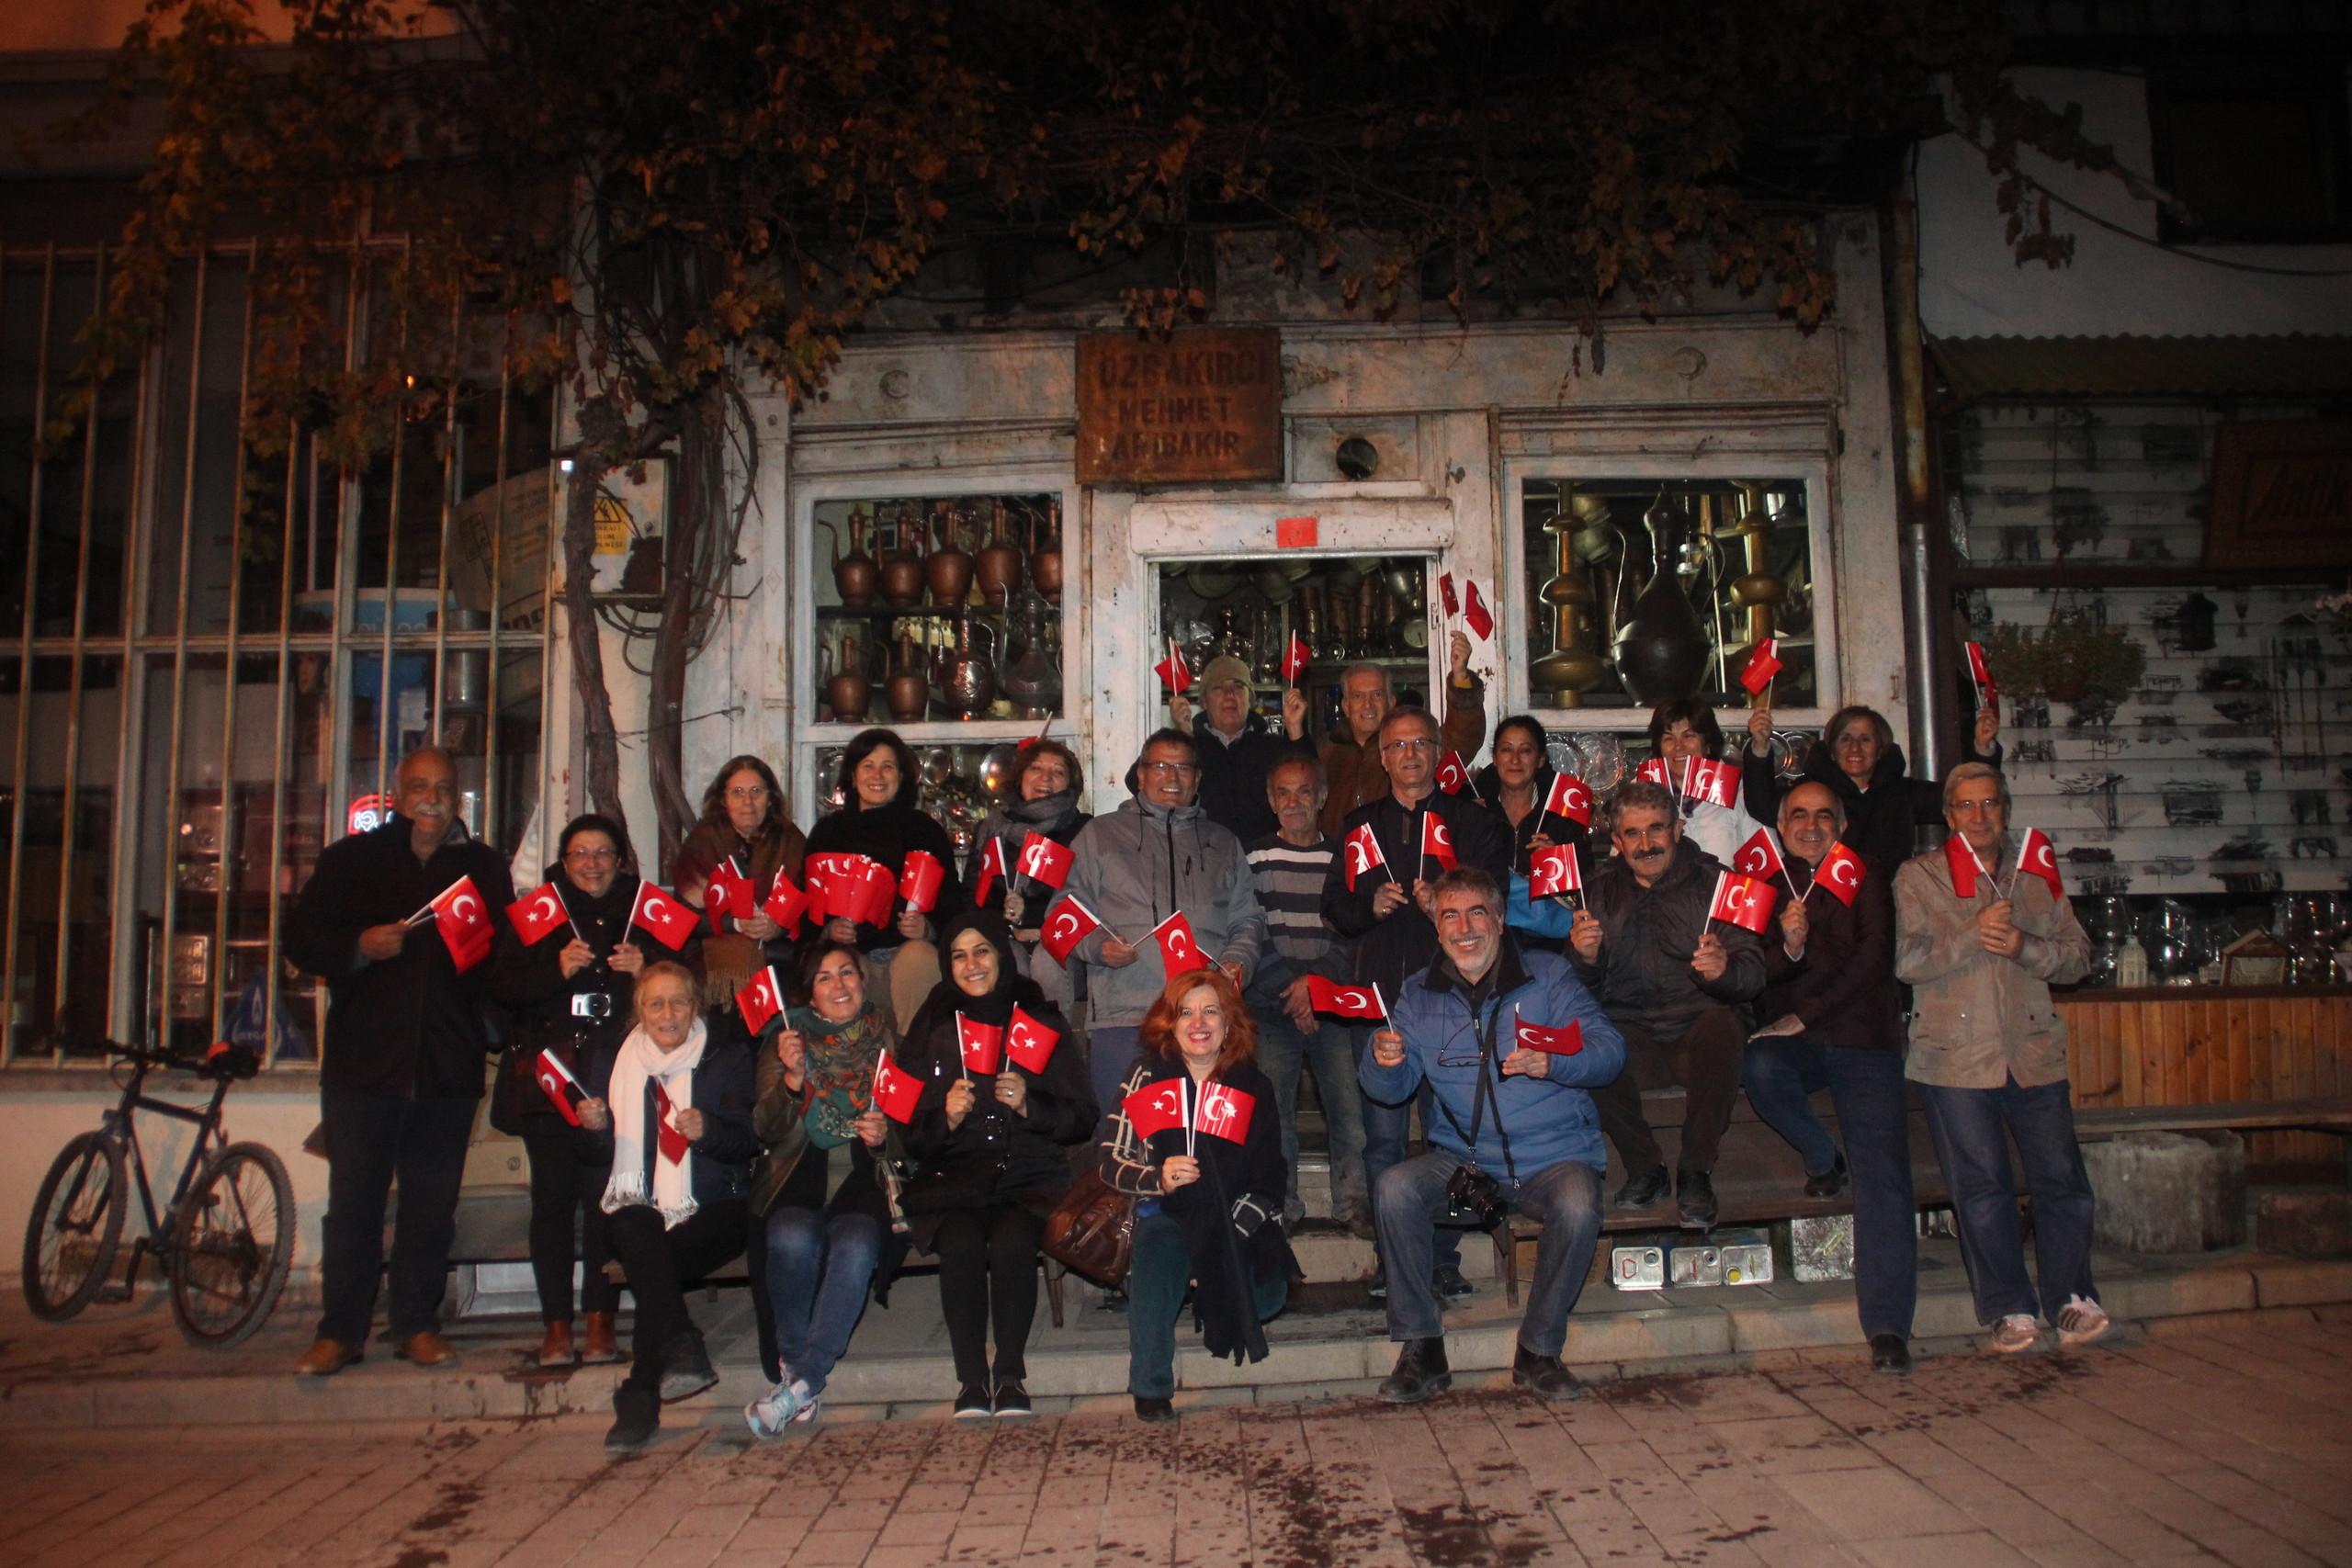 İnşaat 79 'dan  Mudurnu'da 29 Ekim kutlaması